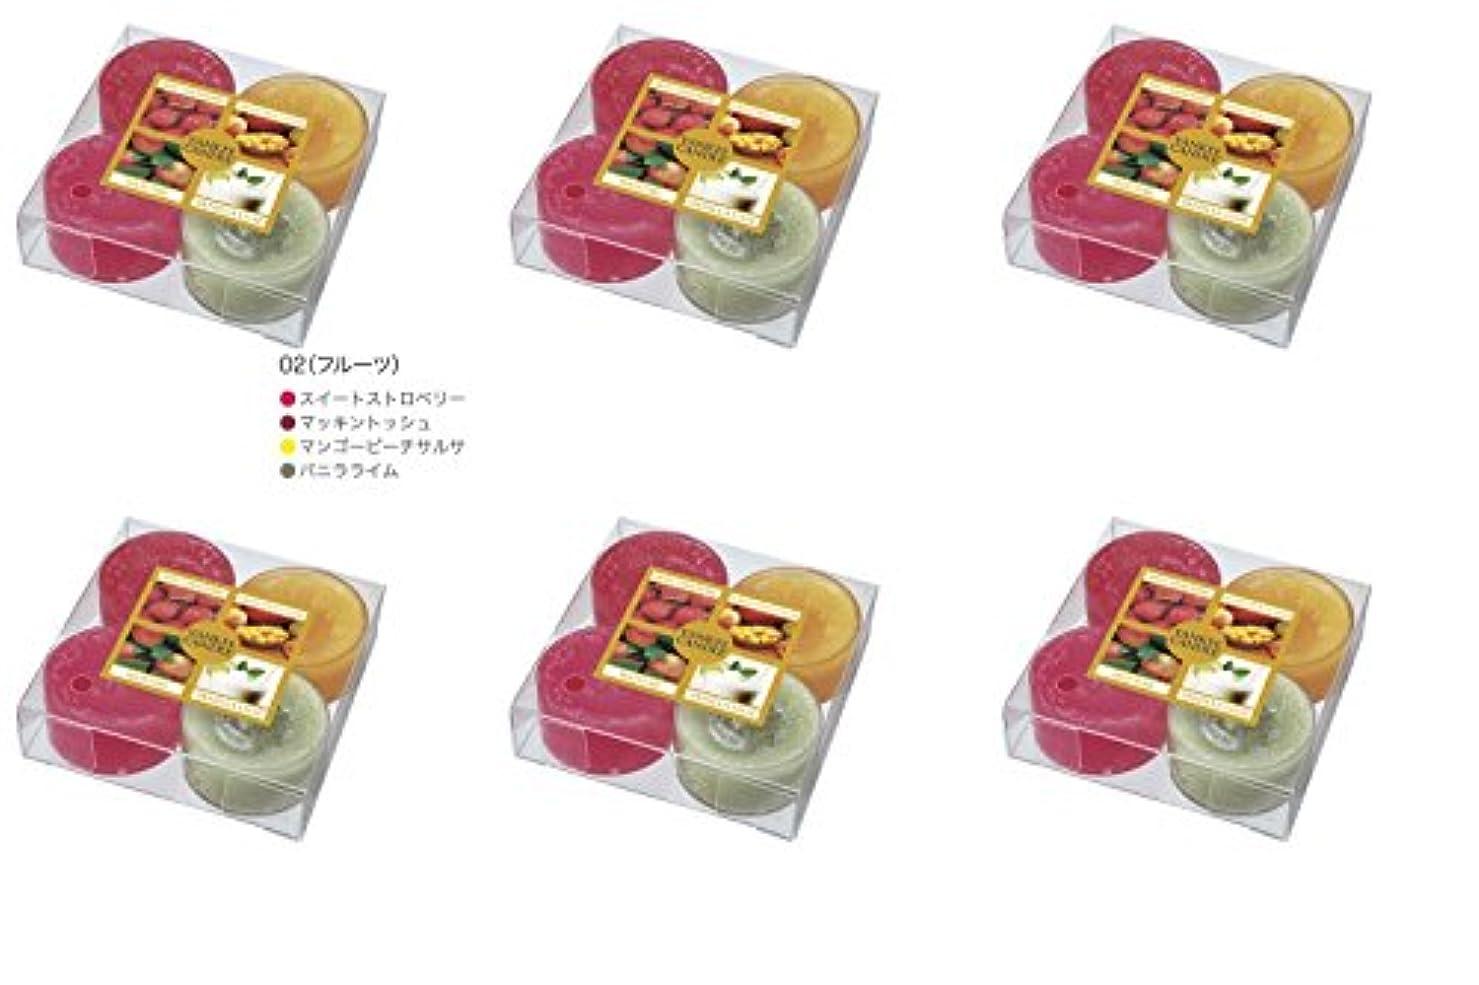 追い出すサイクルノミネートYANKEE CANDLE(ヤンキーキャンドル) ティーライトアソート フルーツ【6点セット】